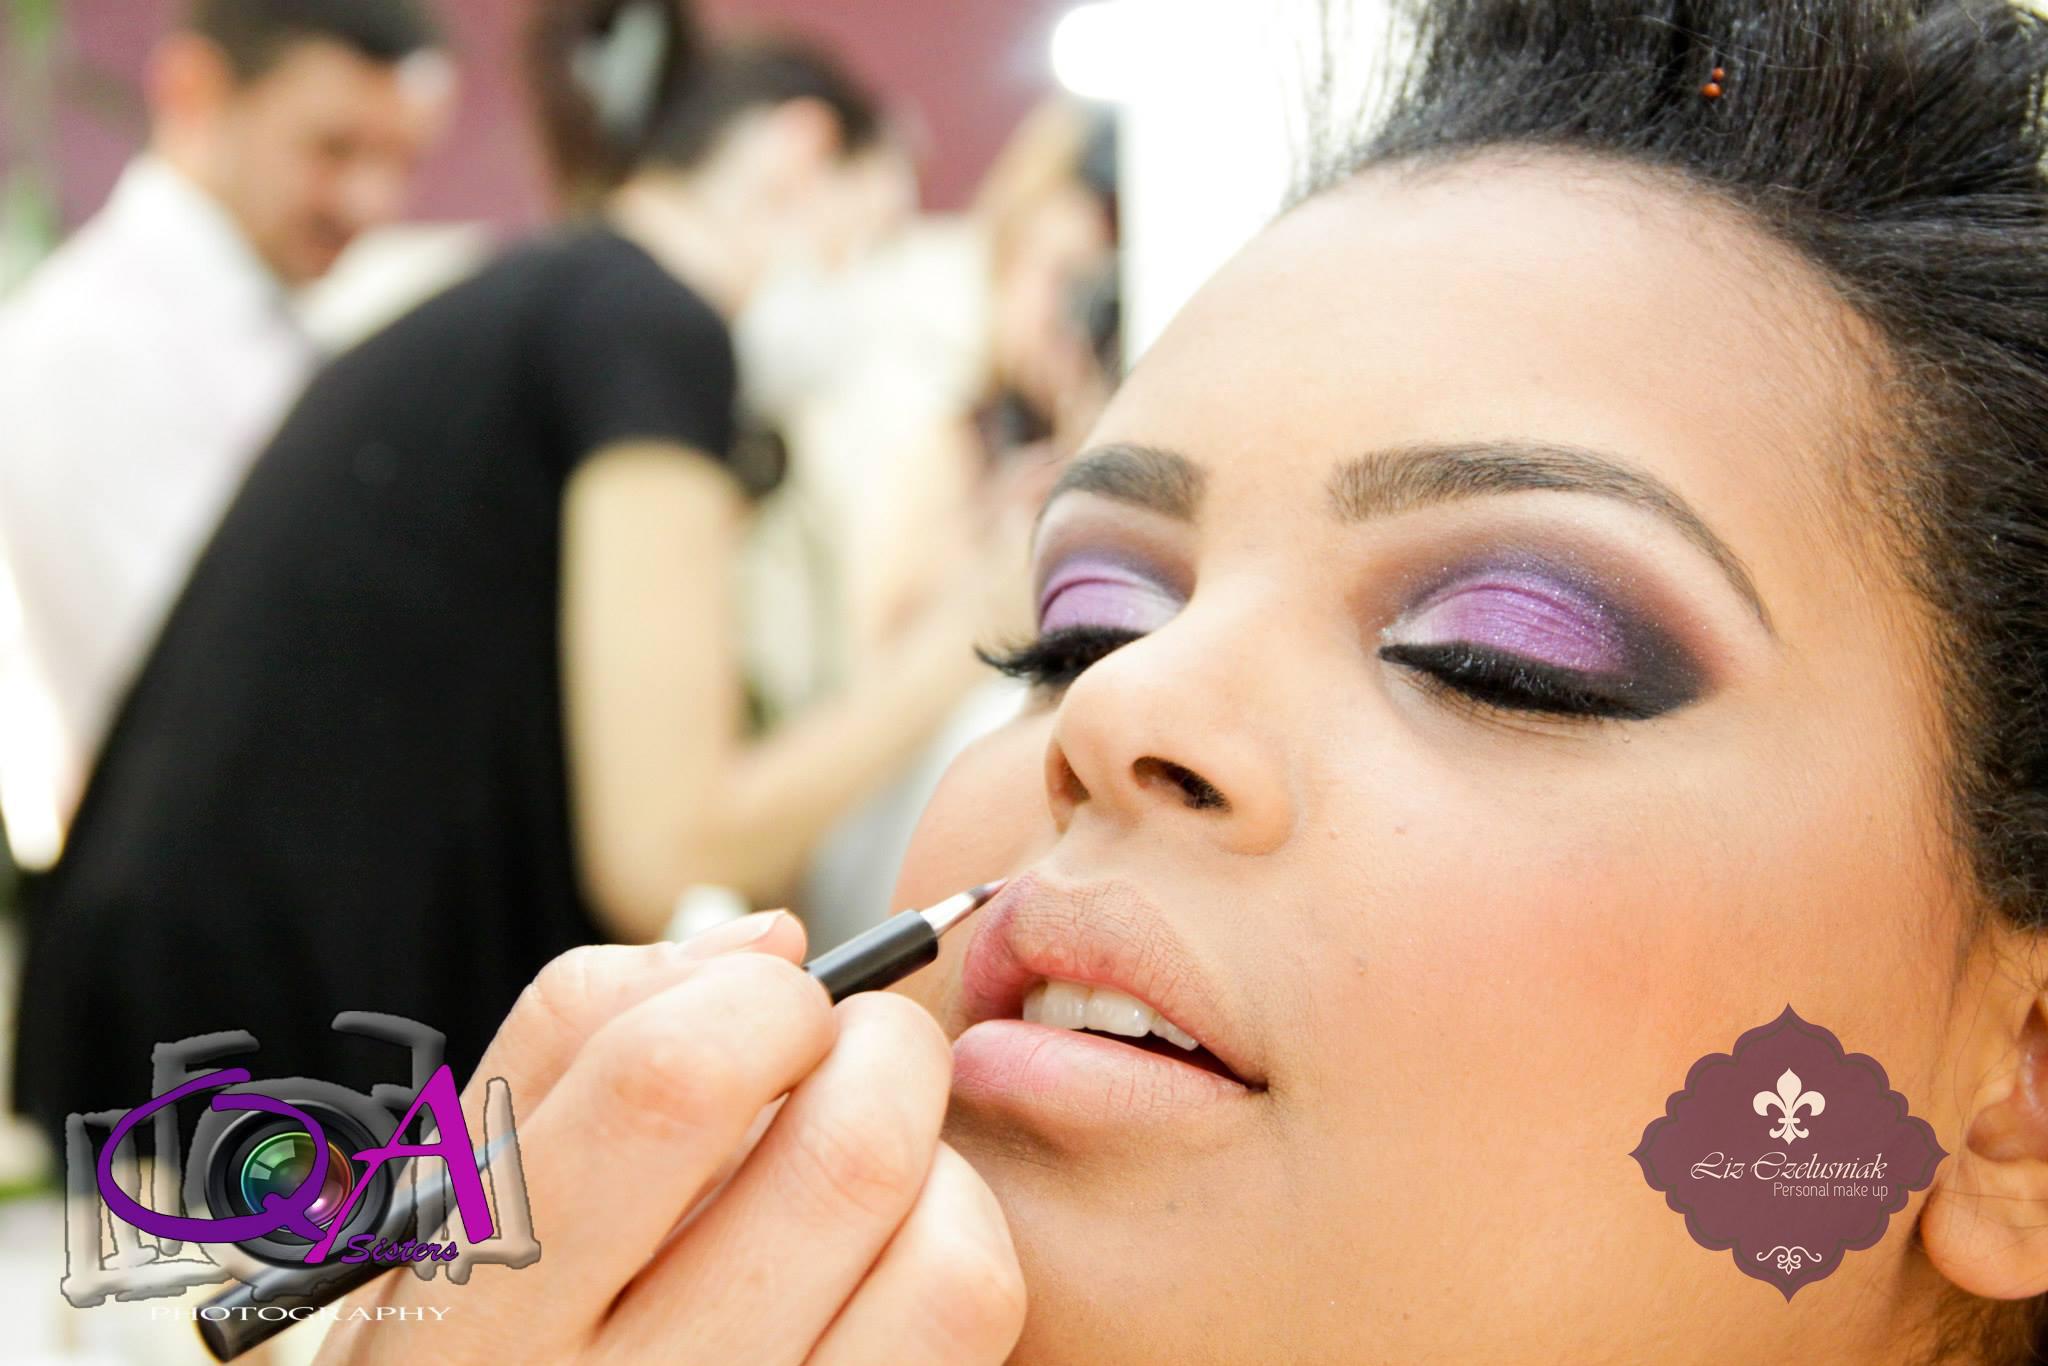 Noiva - Make by Liz Czelusniak Making of#Make#Noiva#Casamento#by#LizCzelusniak noiva, casamento, festa, balada, dia e noite maquiagem  maquiador(a) cabeleireiro(a) designer de sobrancelhas